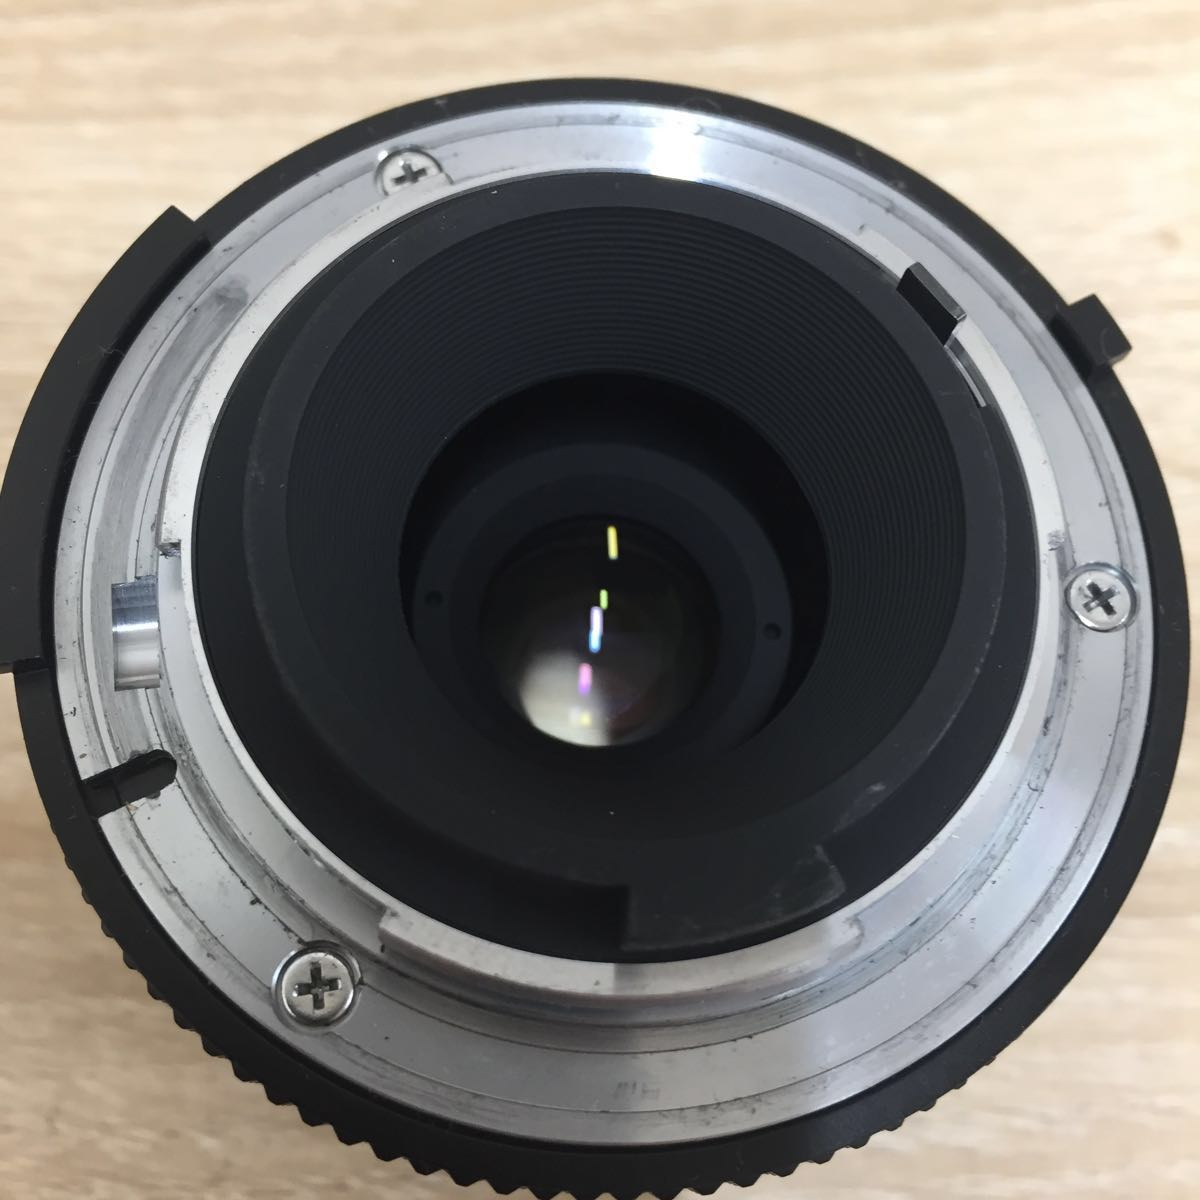 カメラ ④ Nikon ニコン FM2 N 8757411 Zoom-NIKKOR 35-70mm 1:3.3-4.5_画像3